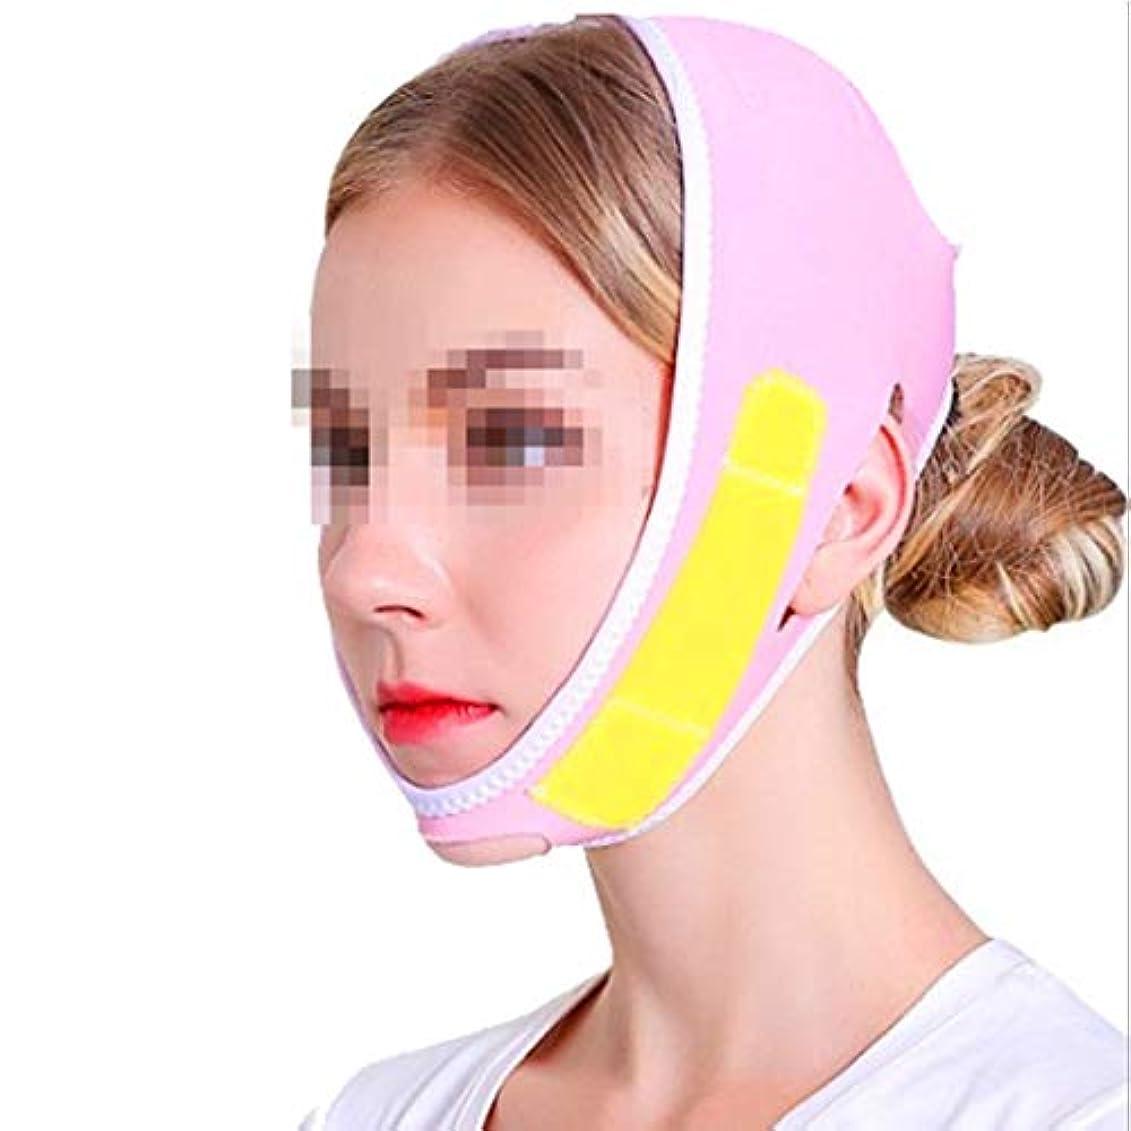 概要湿原考えたXHLMRMJ フェイスリフトマスク、Vフェイスフェイシャルリフティングおよび締め付けをローラインマッサージ師ダブルチン美容整形包帯マルチカラーオプション (Color : Pink)